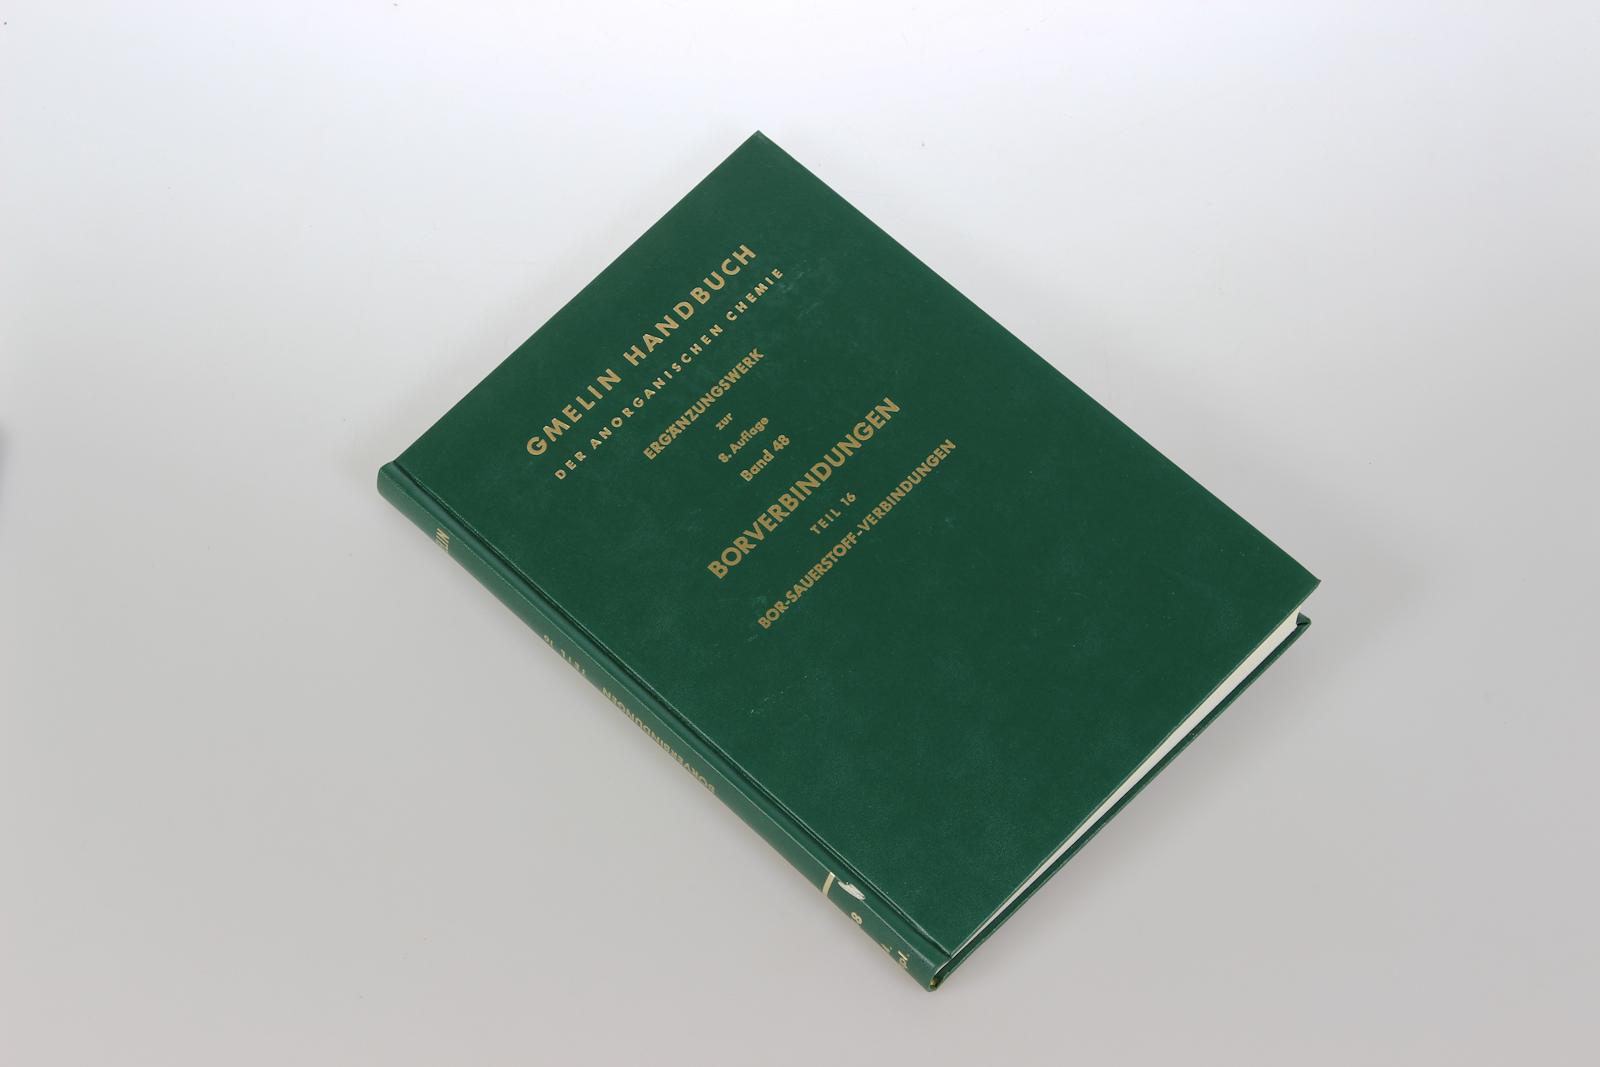 Gmelins Handbuch der Anorganischen Chemie. Ergänzungswerk zur 8. Auflage. Bd.48: Borverbindungen, Teil 16: Bor-Sauerstoff-Verbindungen 2.